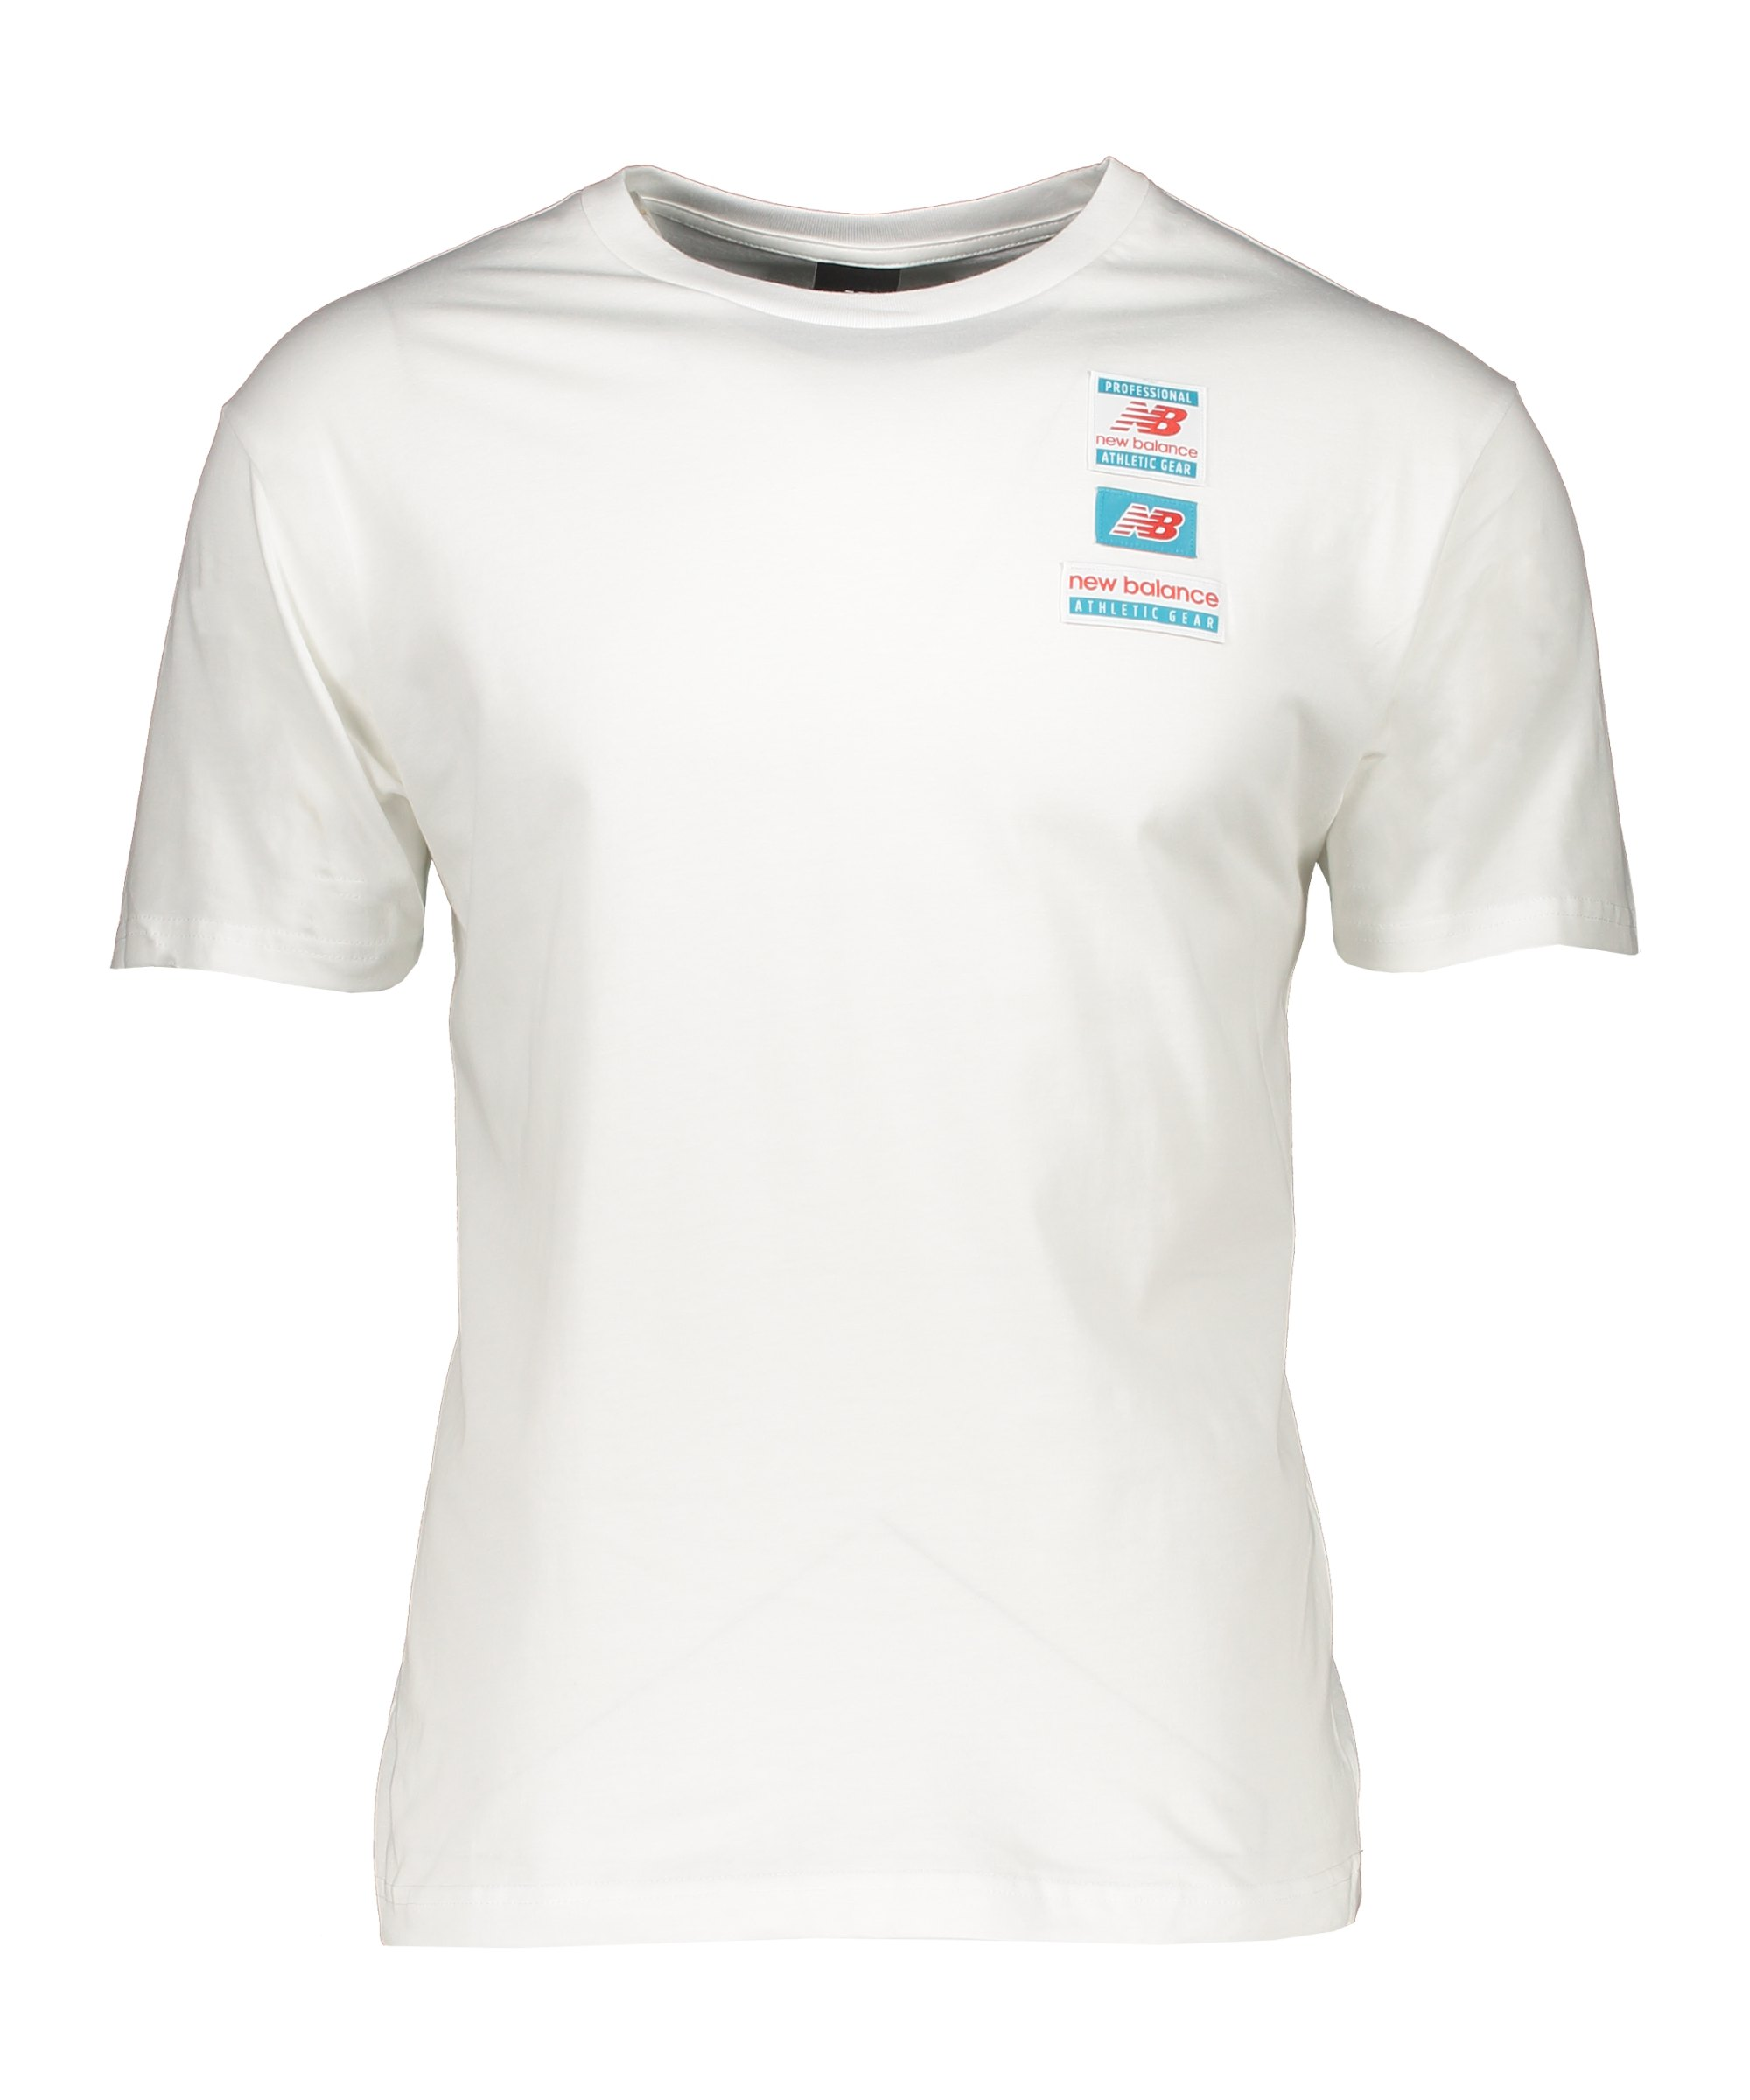 New Balance Essentials Tag T-Shirt Weiss FWT - weiss